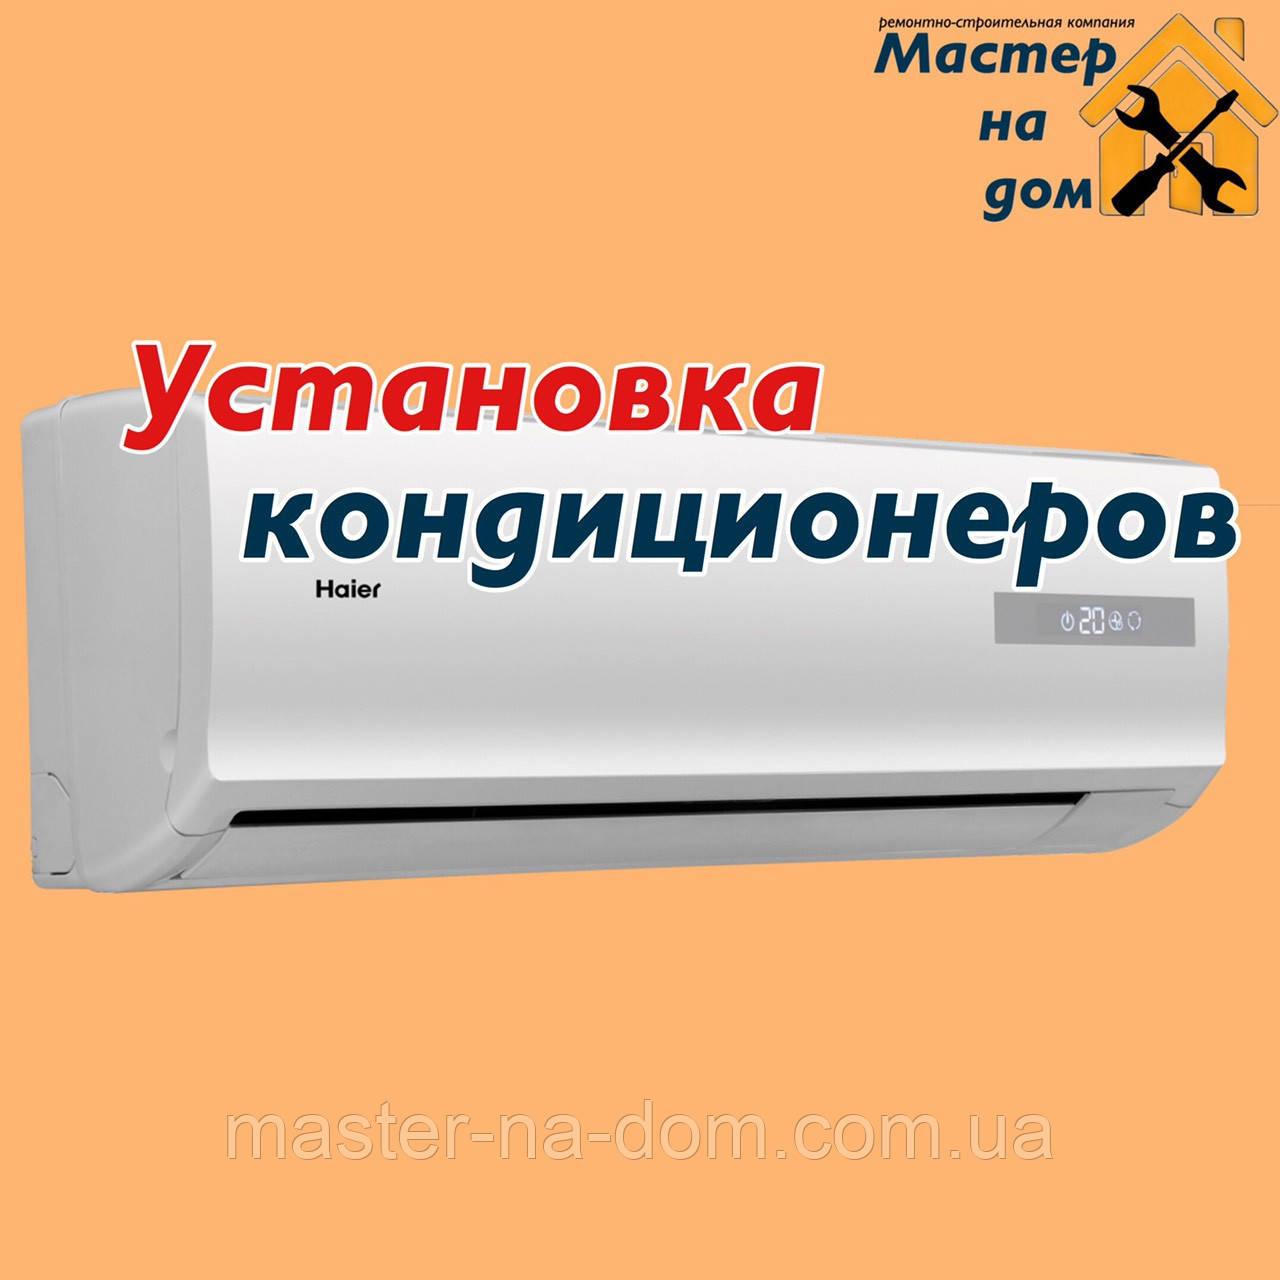 Установка кондиционера во Львове